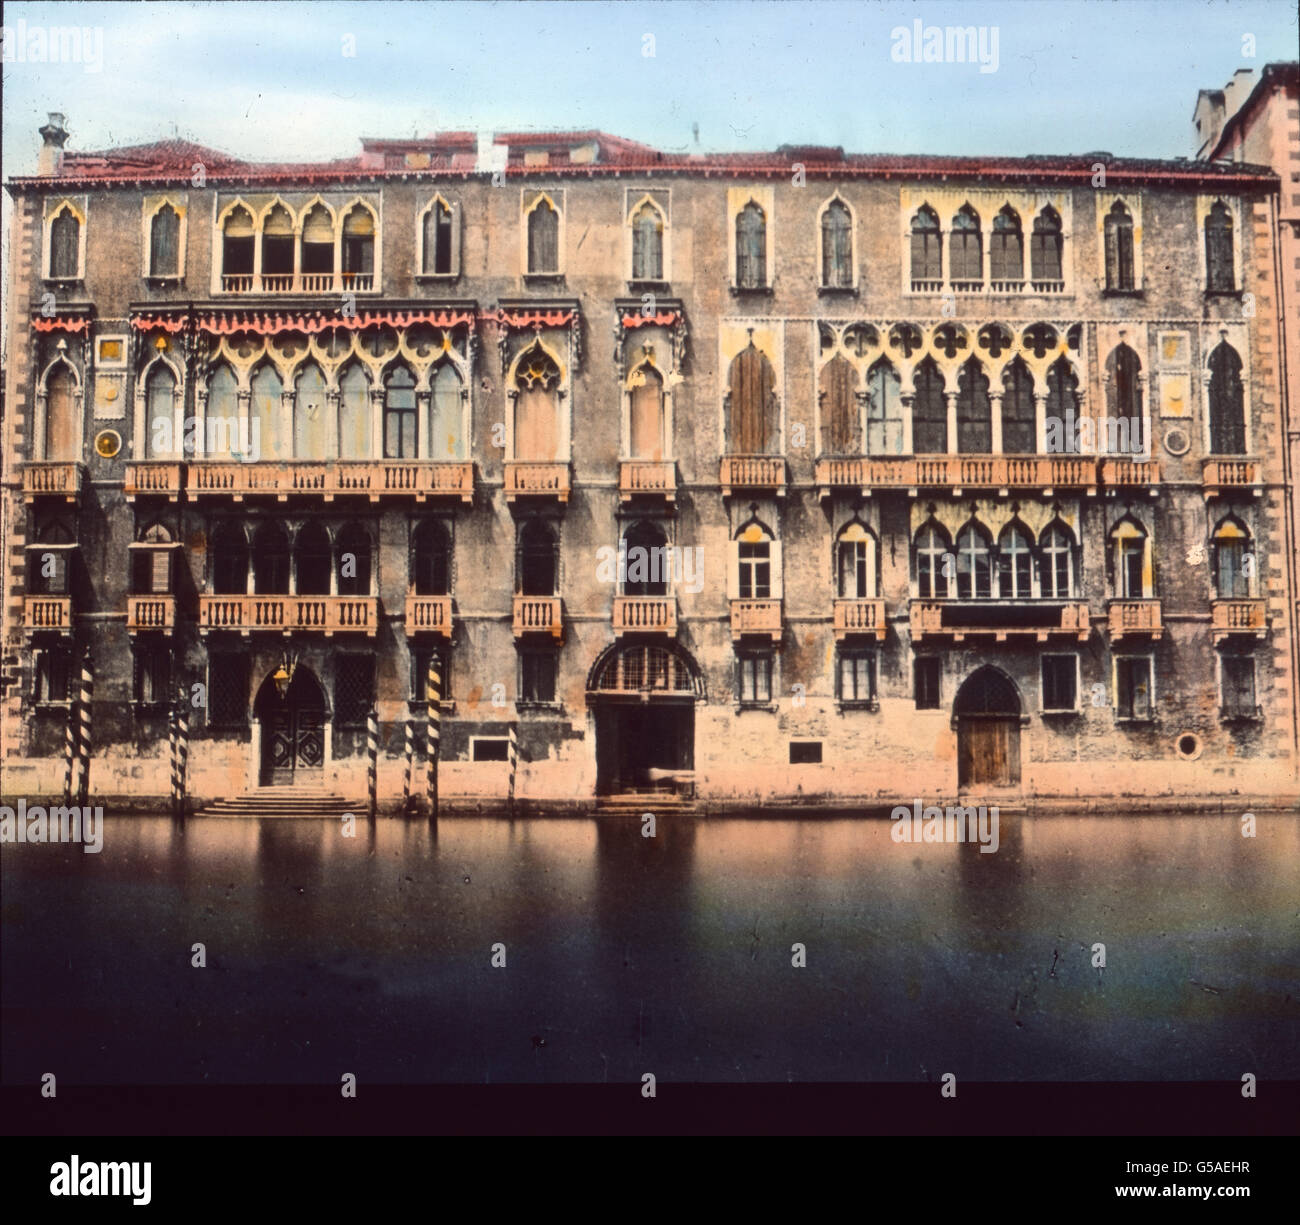 Wir finden namentlich Goethe Erinnerungen un allen Stellen, vor allem hier beim Palazzo Giustiniani mit circuizione Immagini Stock